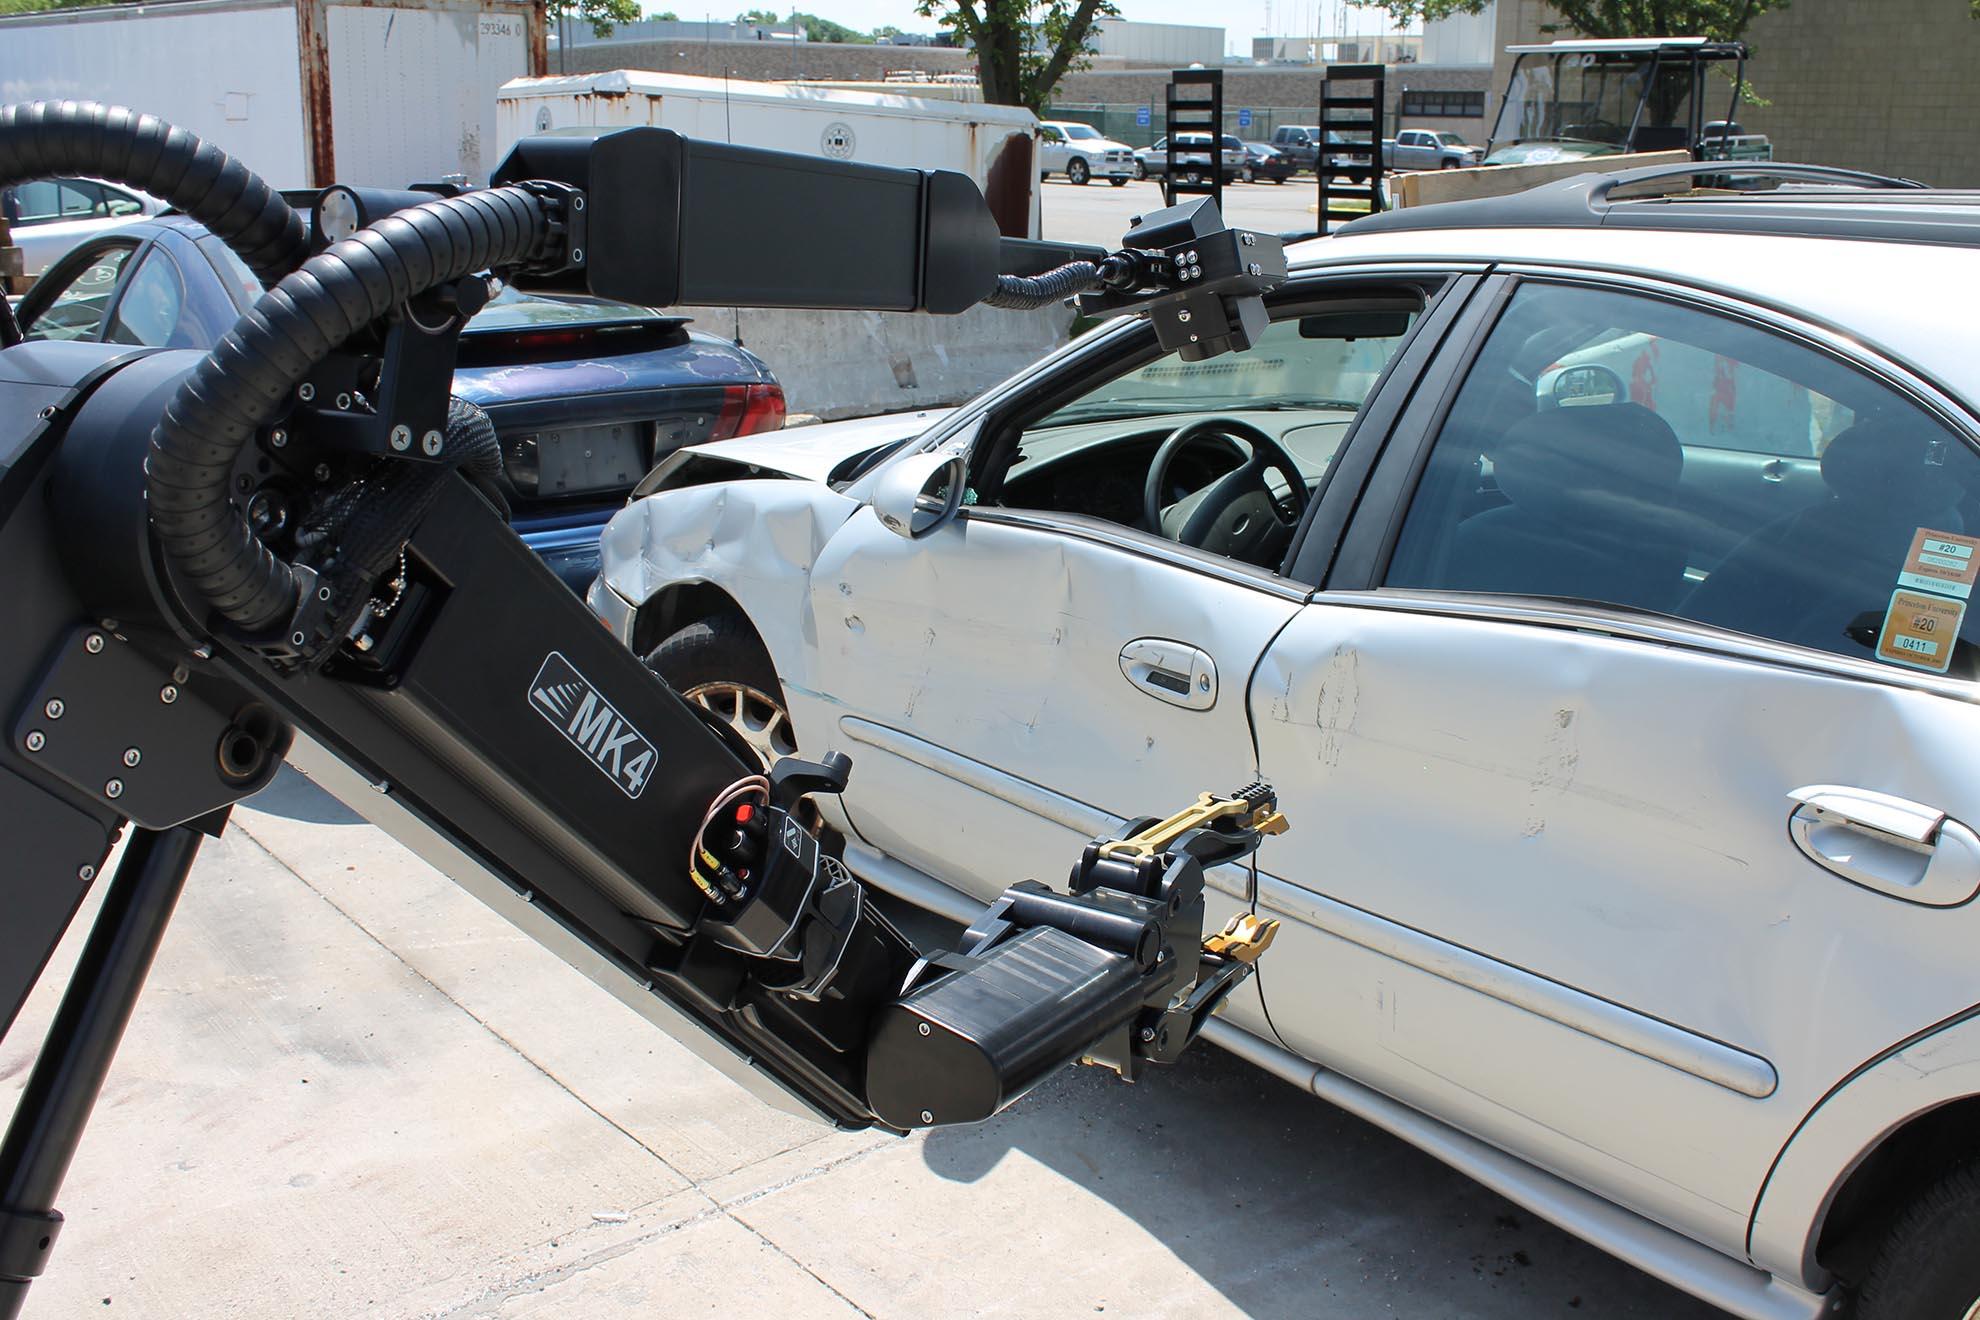 caliber mk4 lvbied robot door approach icor technology tactical